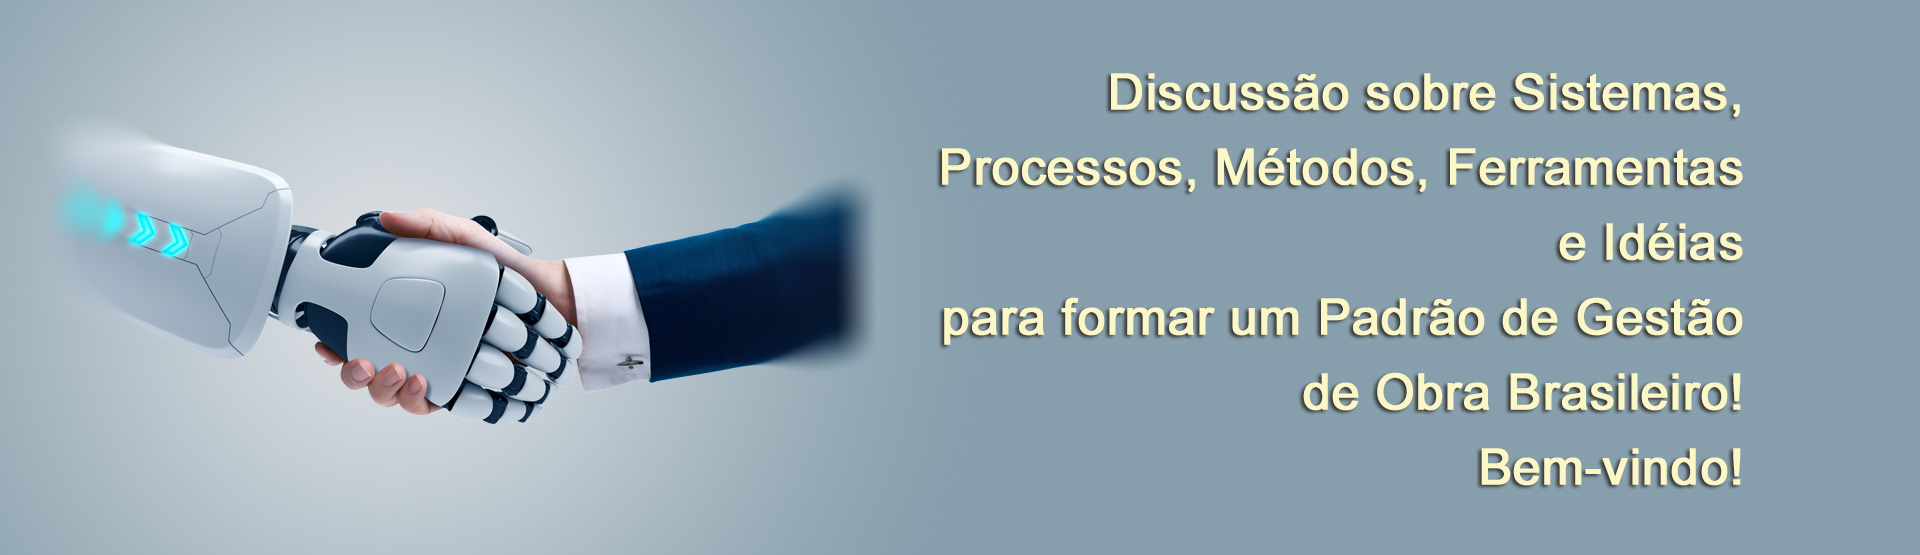 Discussão sobre Sistemas, Processos, Métodos, Ferramentas e Idéias, Para formar um Padrão de Gestão de Obra Brasileiro!